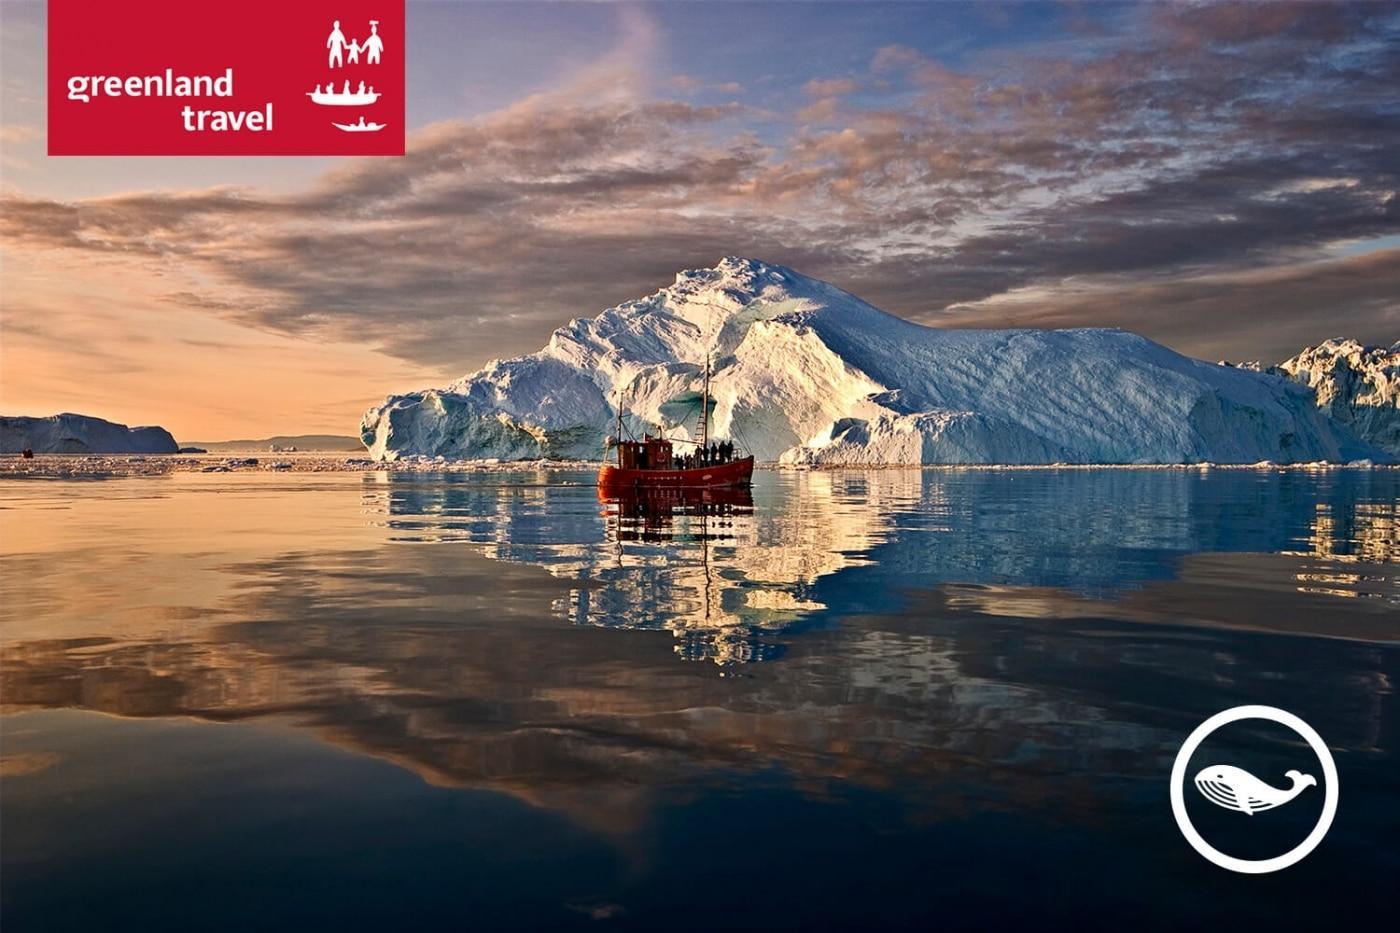 Grønlands Rejsebureau: Sol og sommer i magiske omgivelser